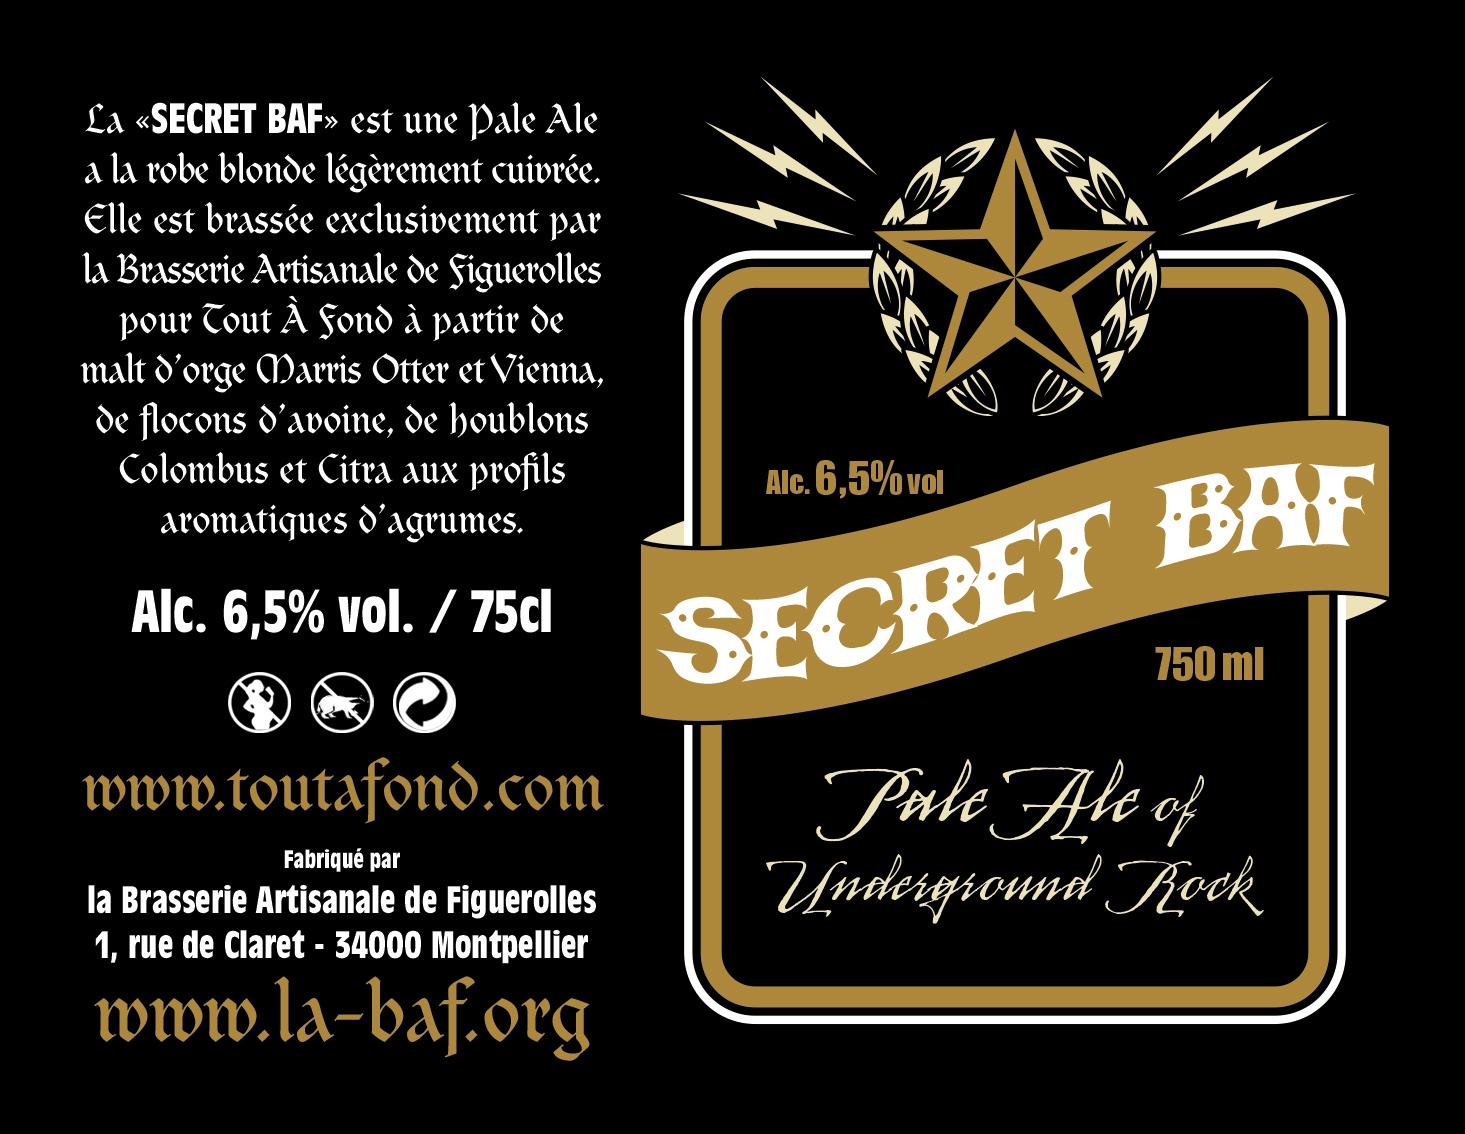 Secret Baf